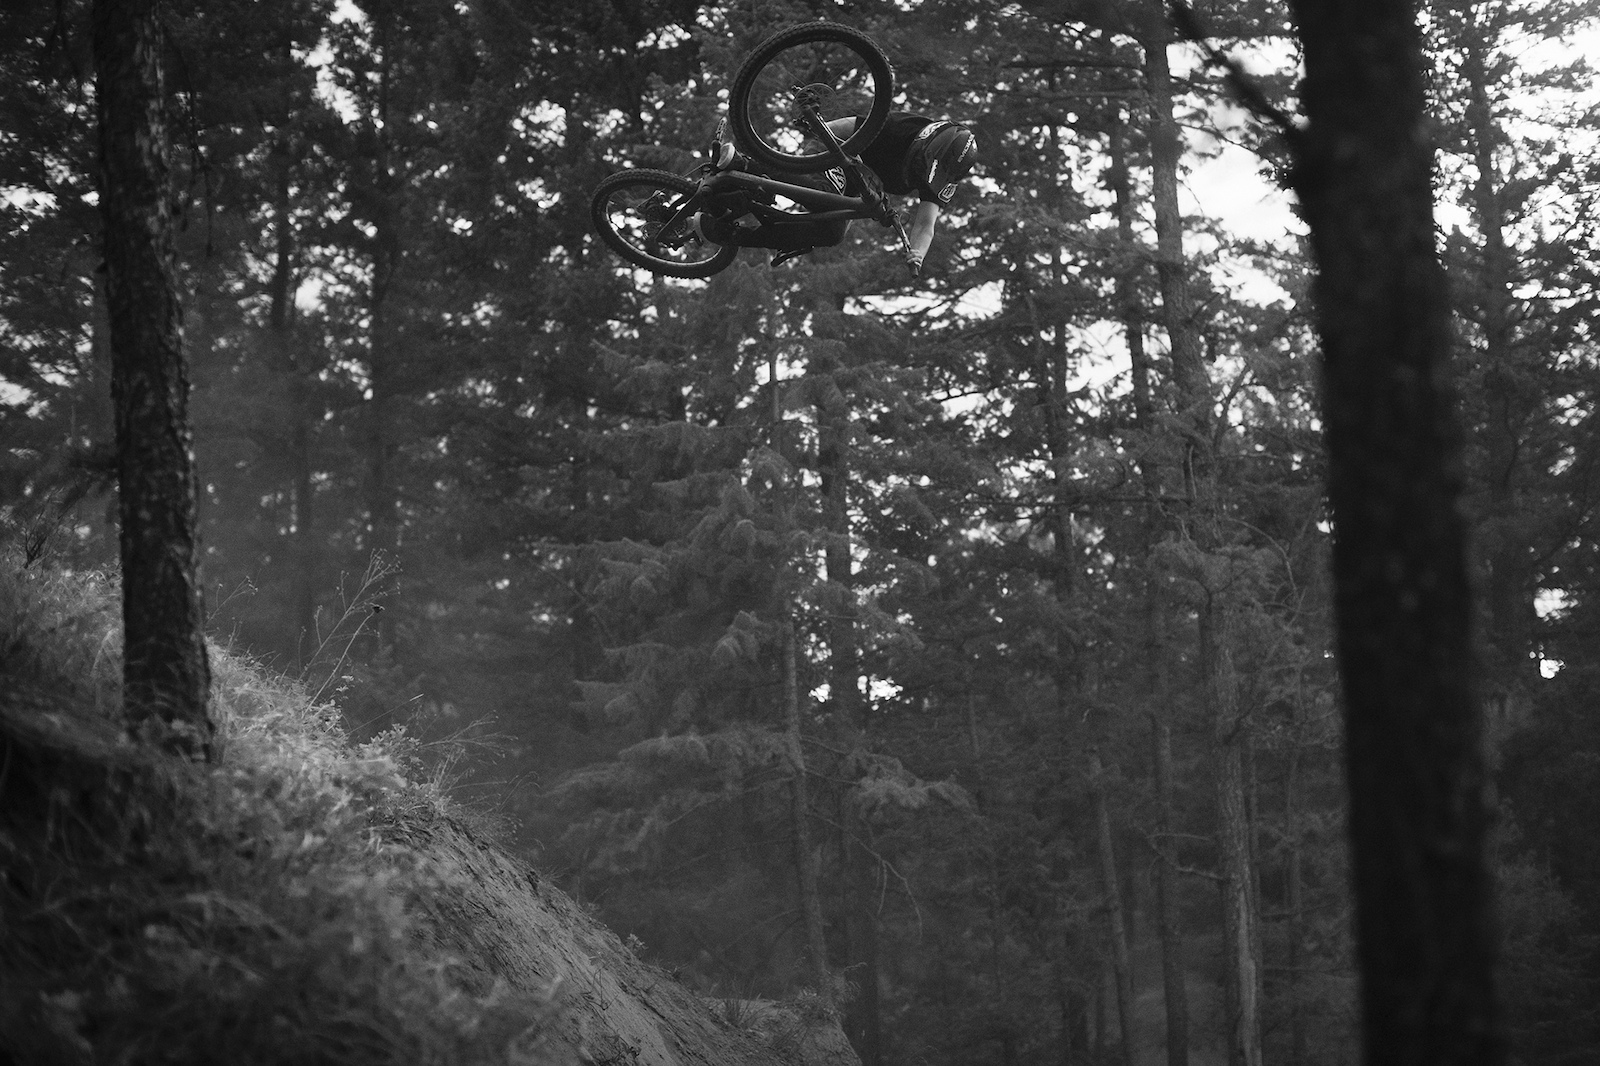 Soren Farenholtz in Kamloops British Columbia Canada